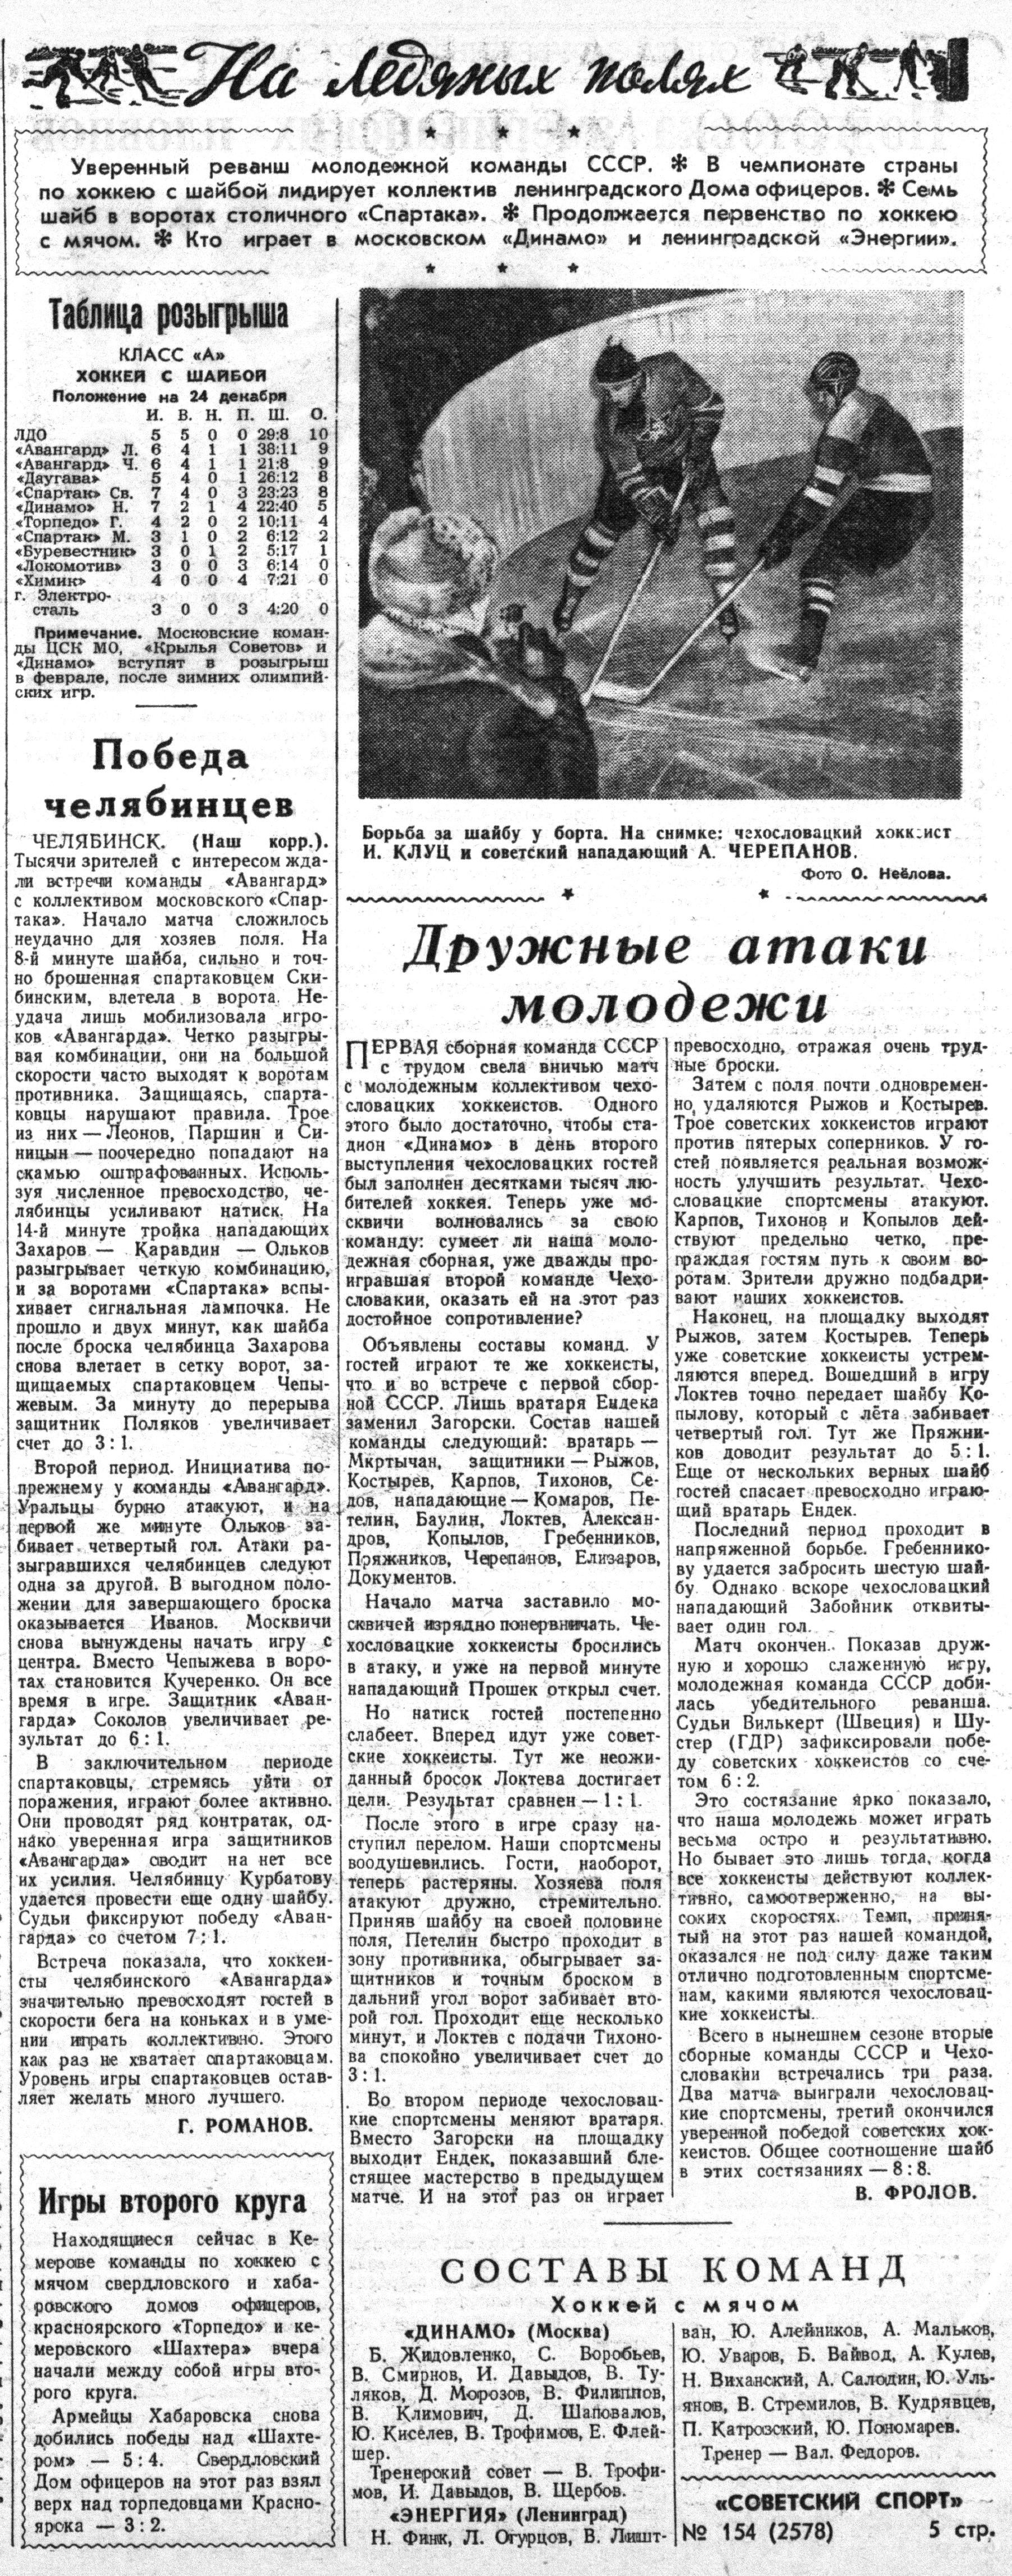 Sov_sport_1955_12_24_N154_s5.JPG